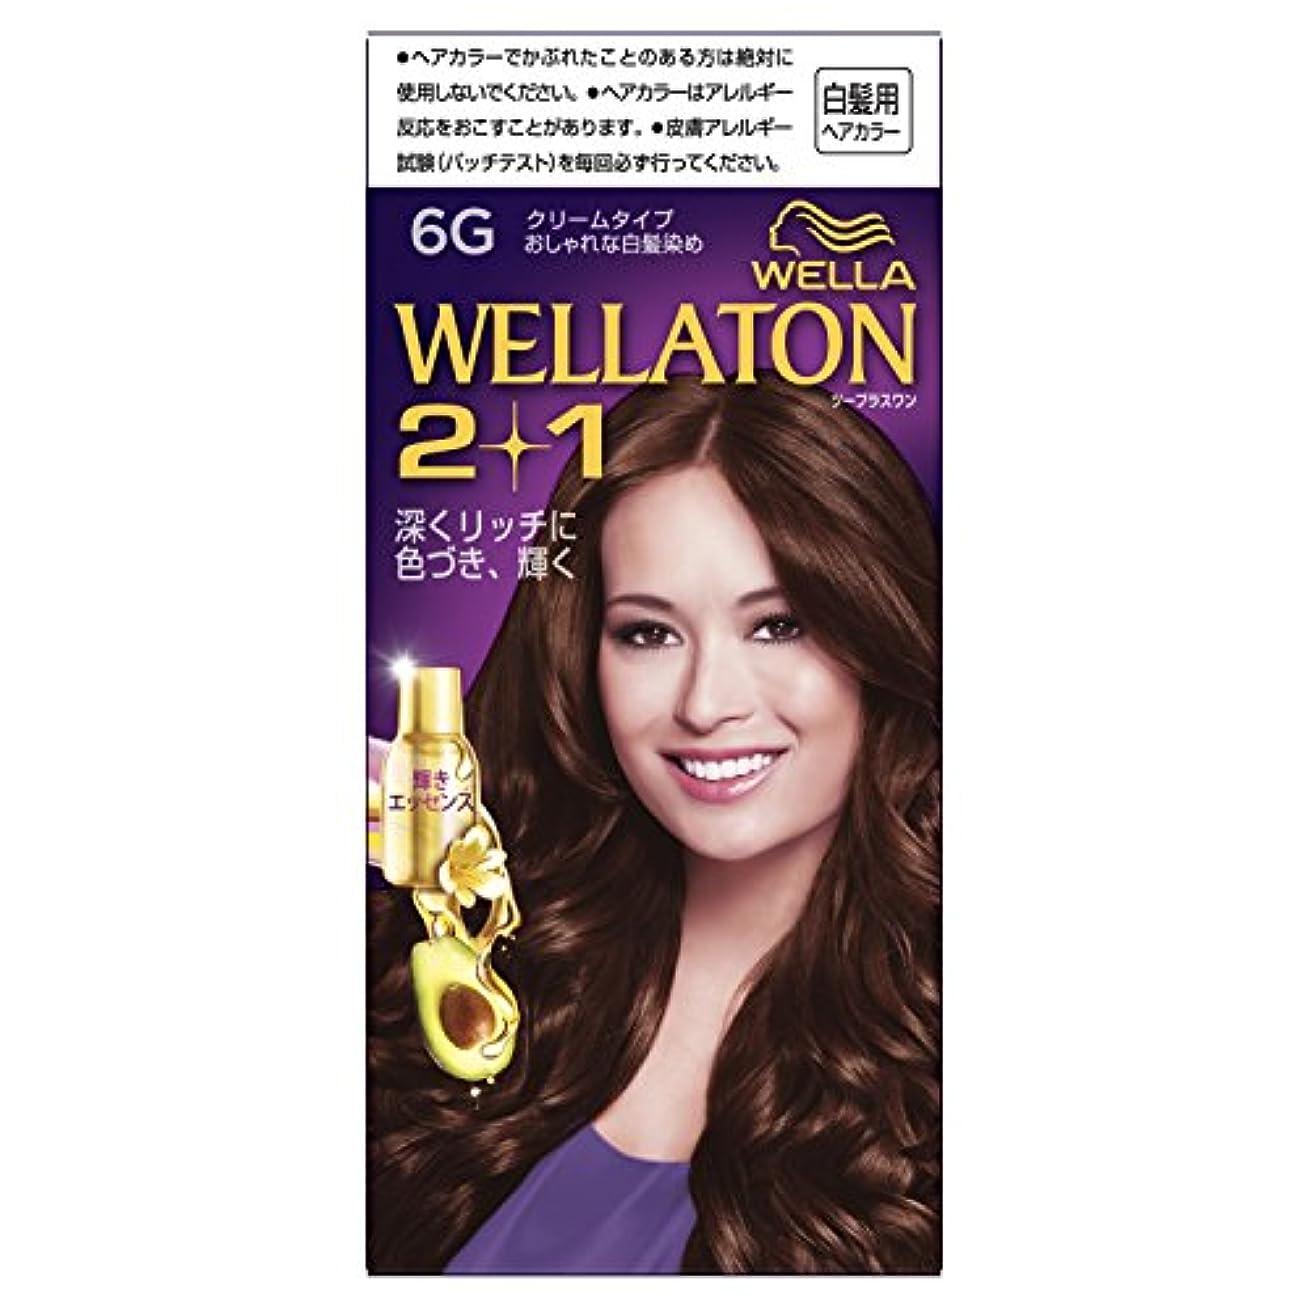 無線協力的公ウエラトーン2+1 クリームタイプ 6G [医薬部外品](おしゃれな白髪染め)